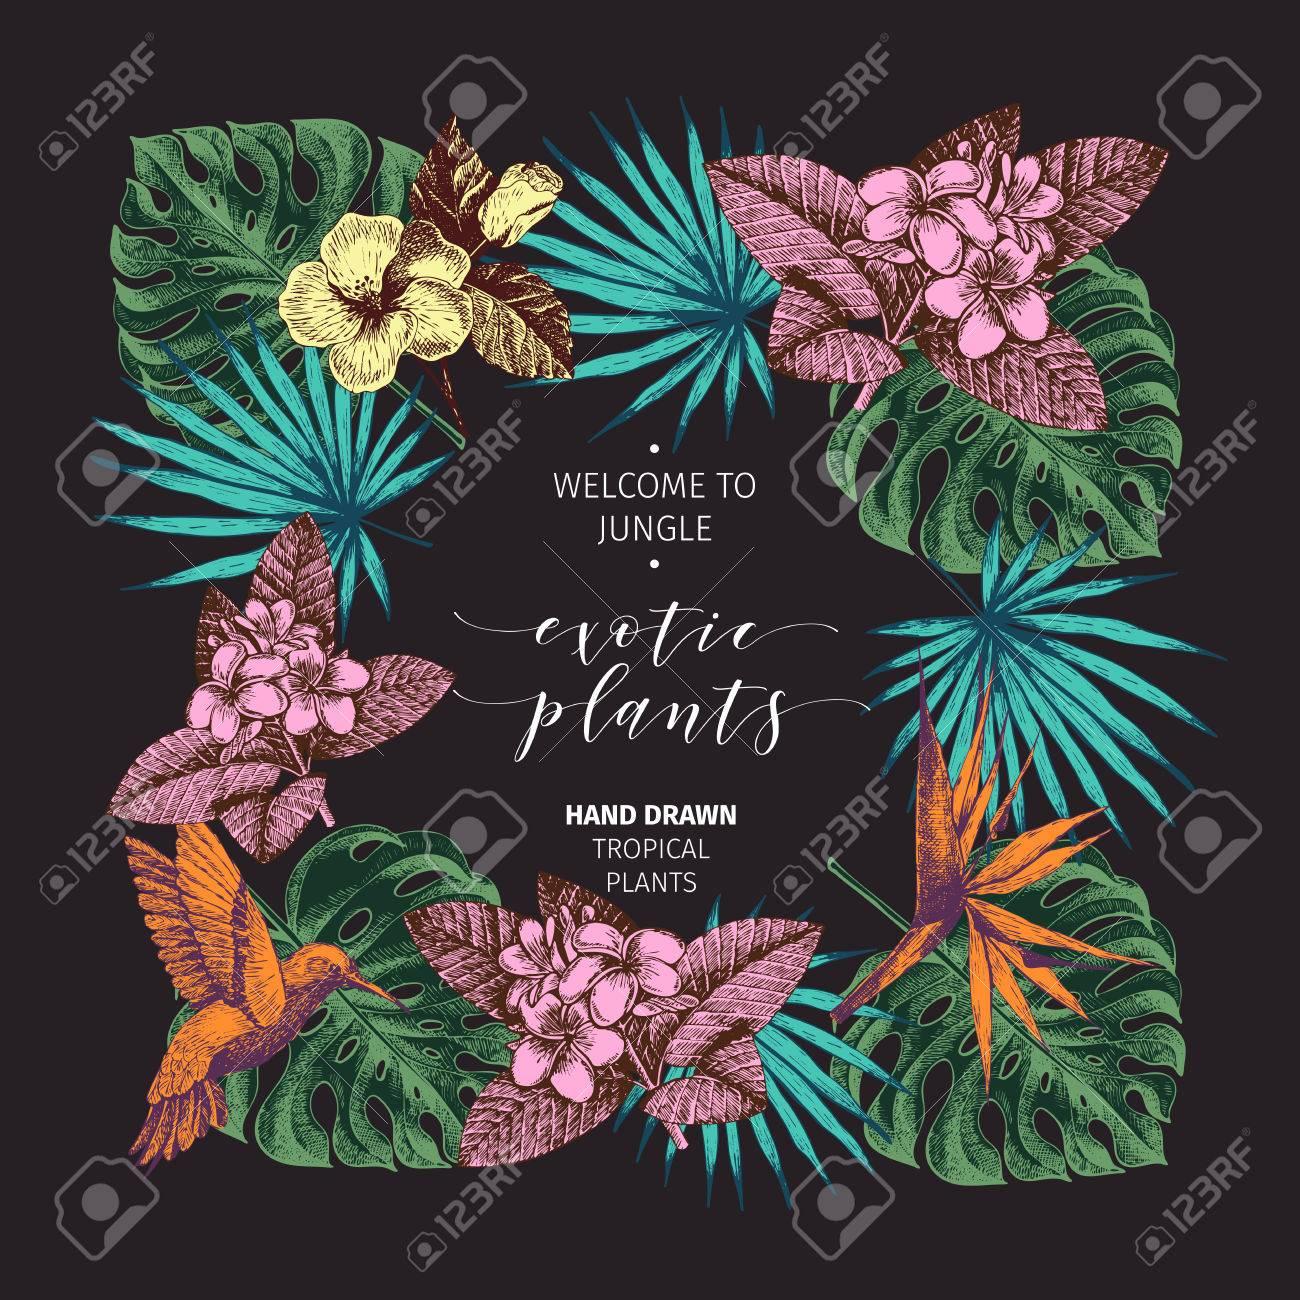 Vecotr-Hand Gezeichnetes Tropisches Pflanzenplakat. Exotisch ...